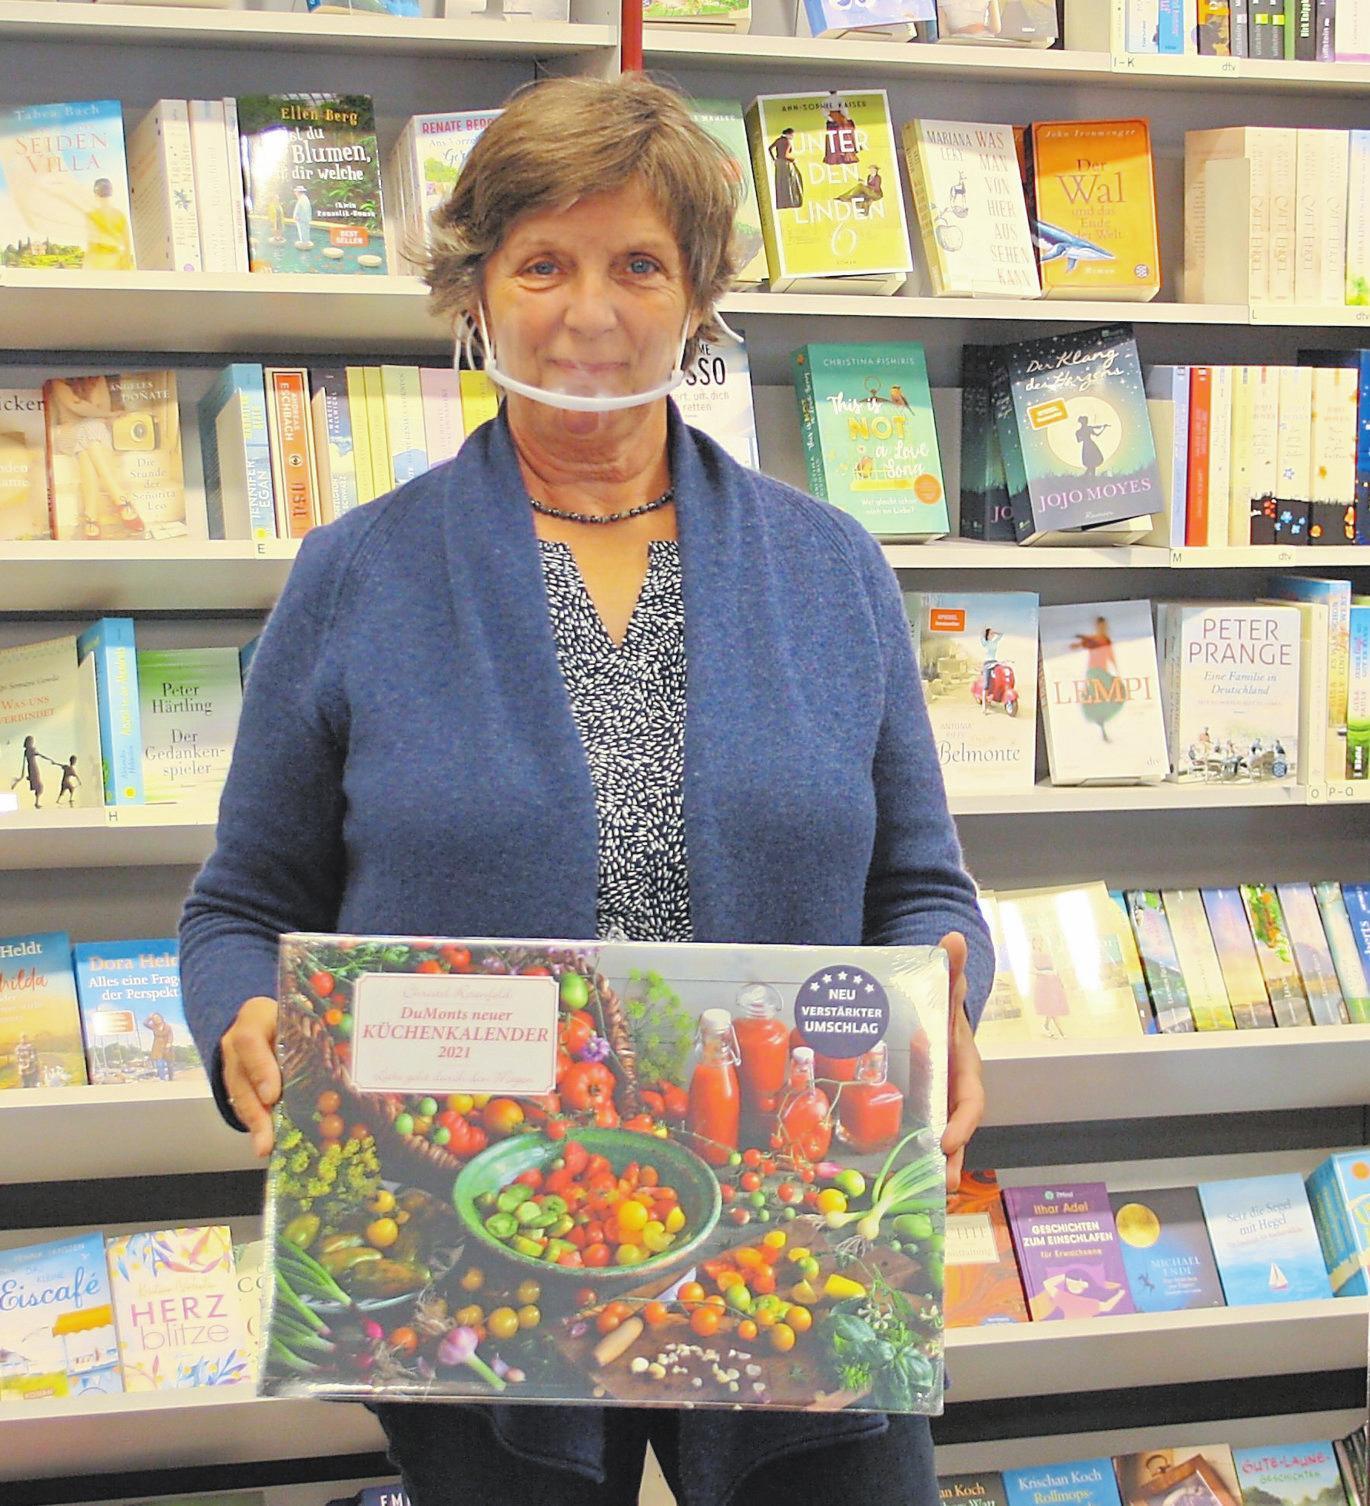 Maike Woltering und ihre Kolleginnen sorgen für aktuellen Lesestoff und schöne Geschenke.